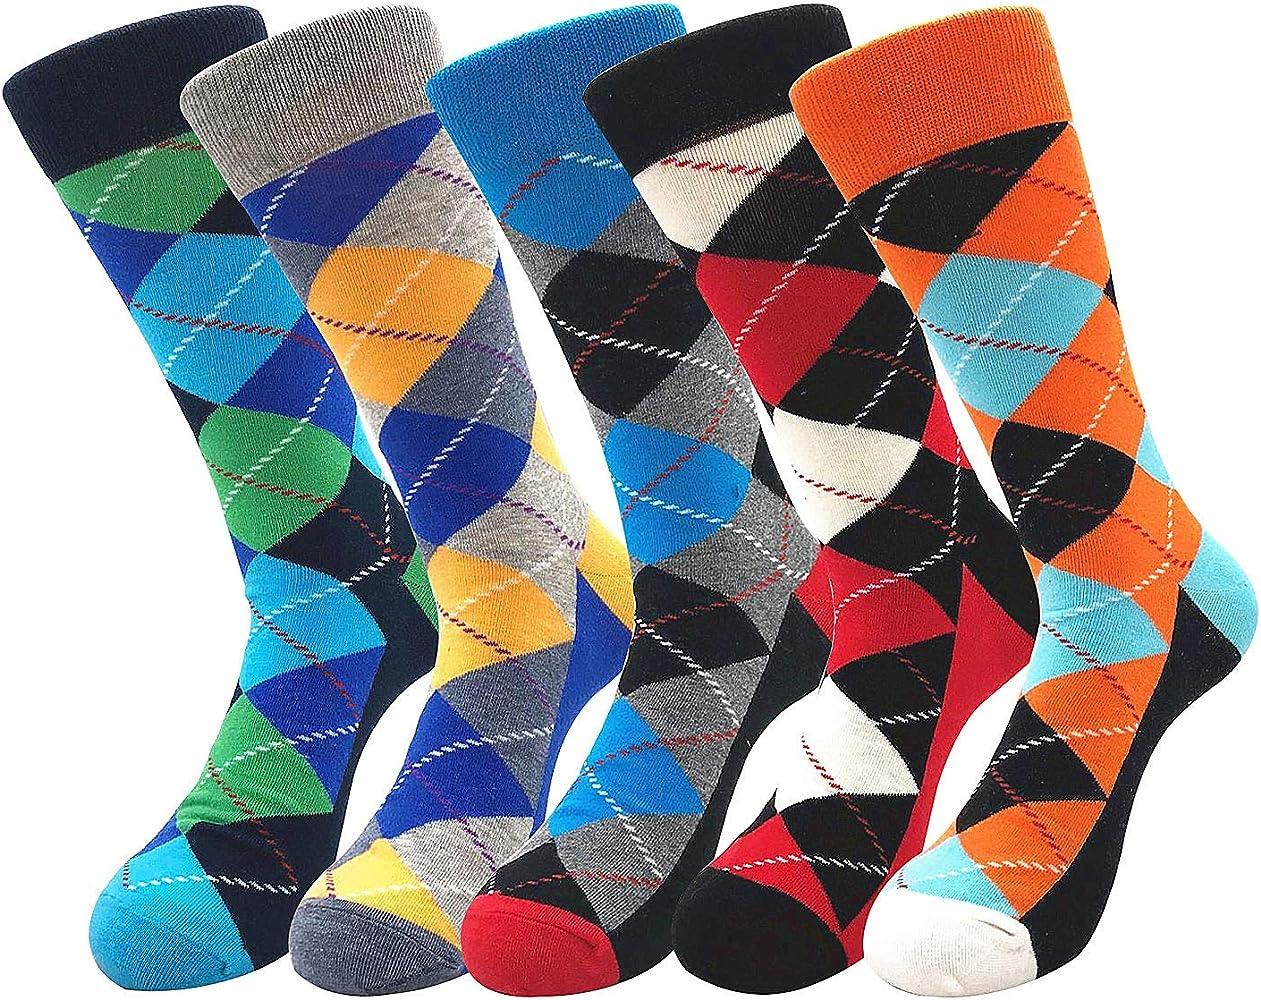 Joeyer Calcetines Para Hombre, 5 Para Colorido Diseño Divertido Hombre Algodon Calcetines Transpirable Cómodo Calcetines Hombre Invierno: Amazon.es: Ropa y accesorios